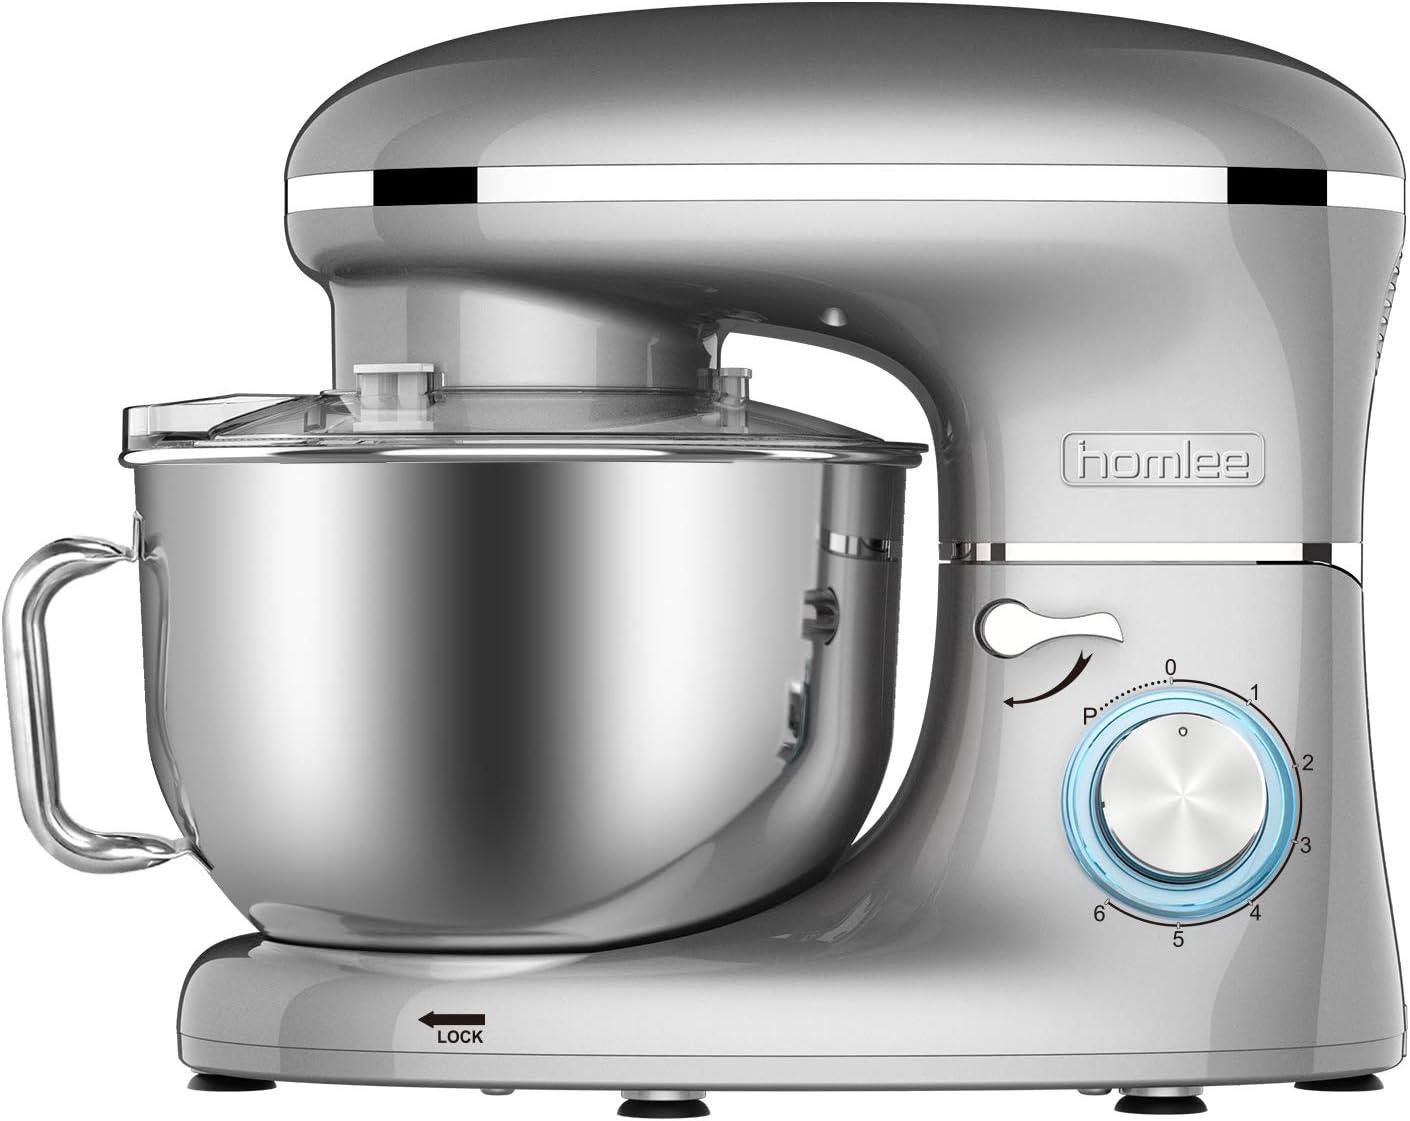 homlee 1500W Batidora Amasadora, Amasadora de Pan Bajo Ruido,Robot de Cocina Multifuncional,6 Velocidades,5.5L,Gris